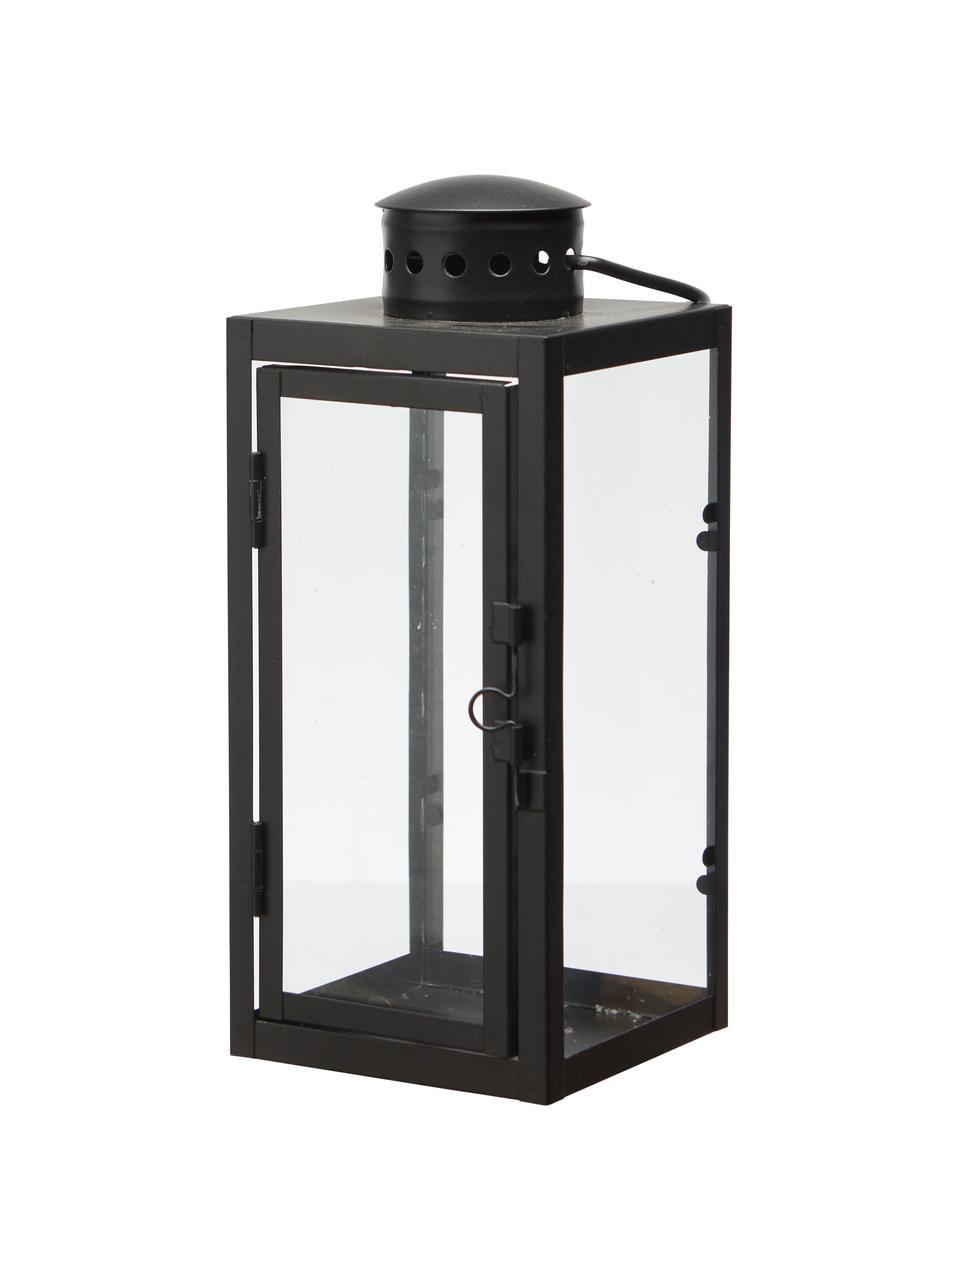 Latarenka Hope, Stelaż: metal powlekany, Czarny, S 10 x W 23 cm